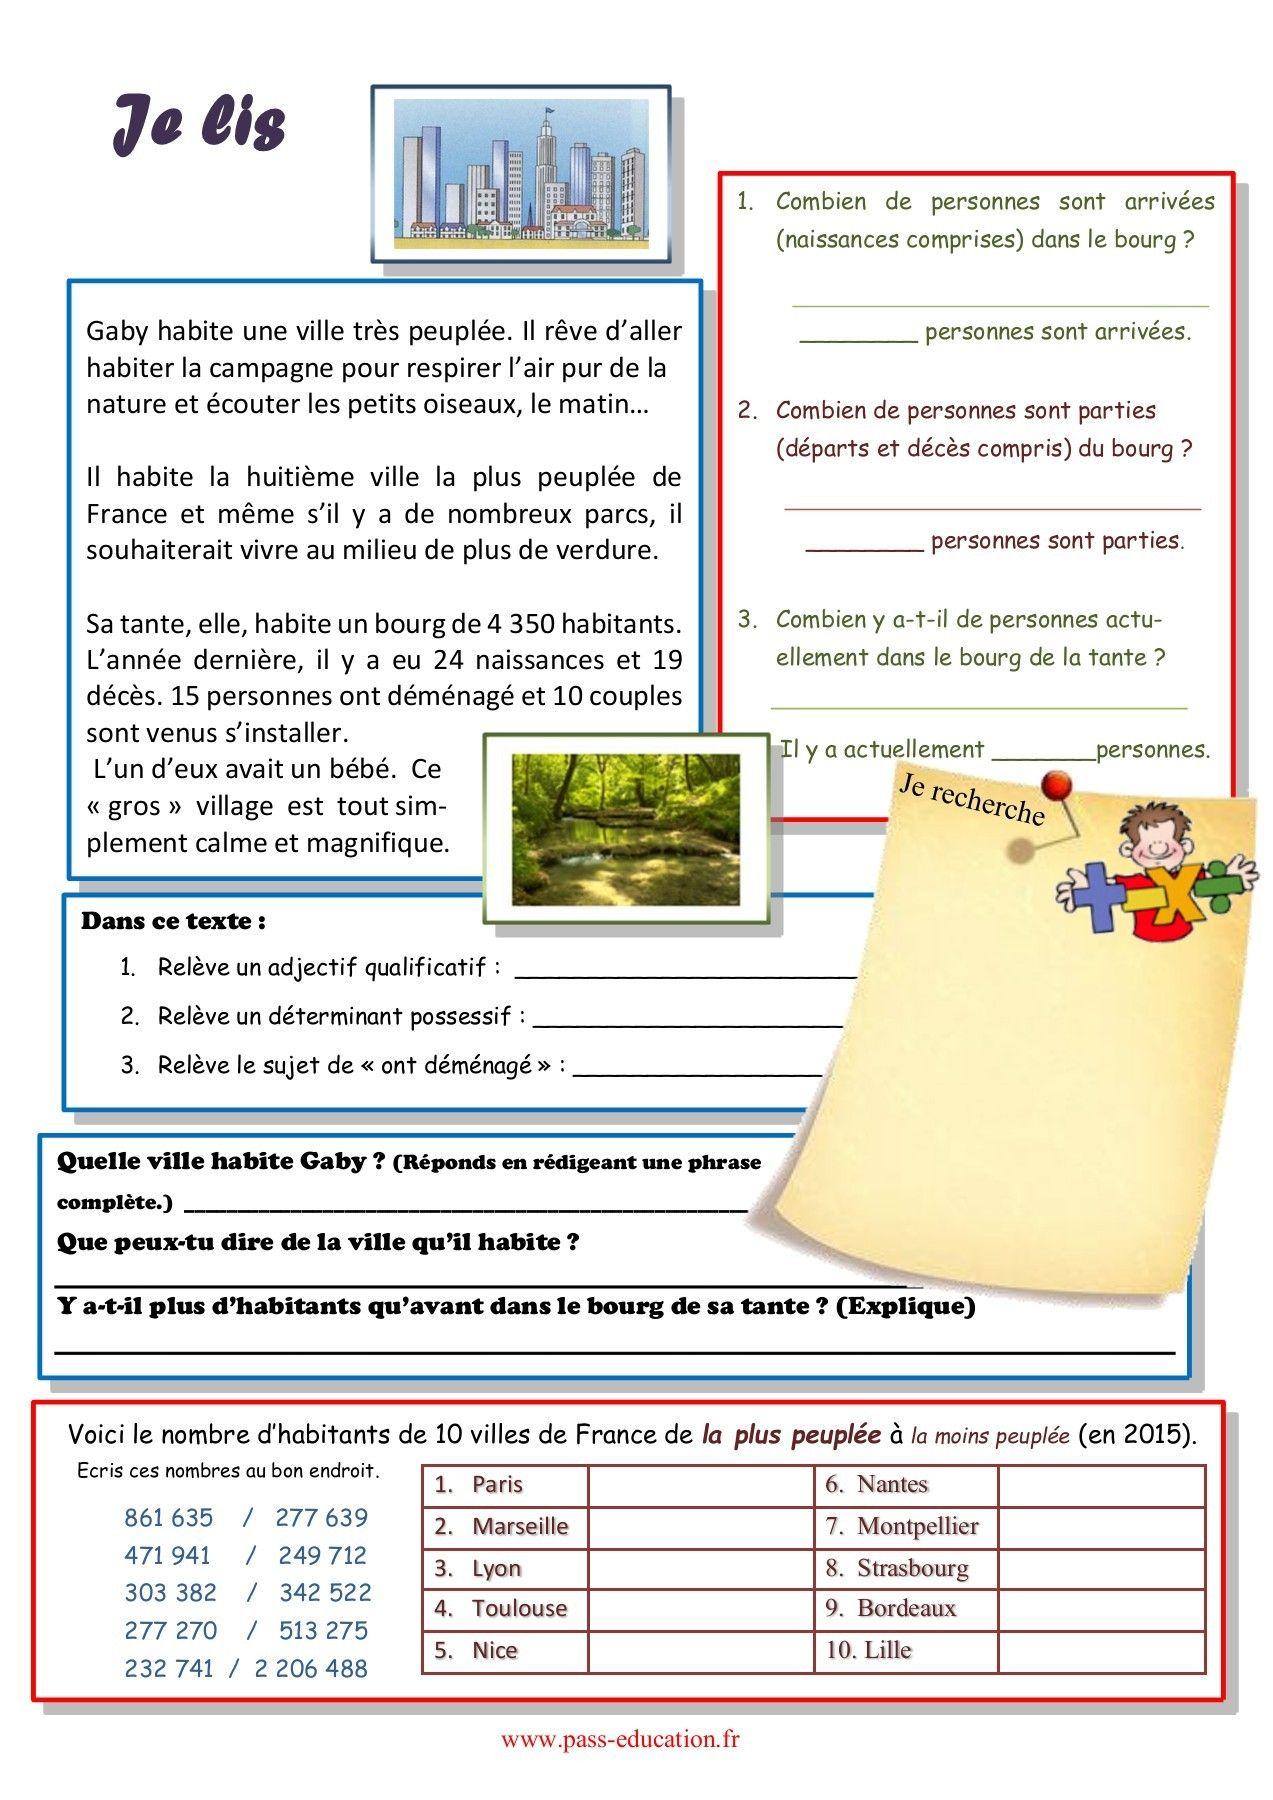 Cahier de vacances gratuit à imprimer - CM1 vers le CM2 ...